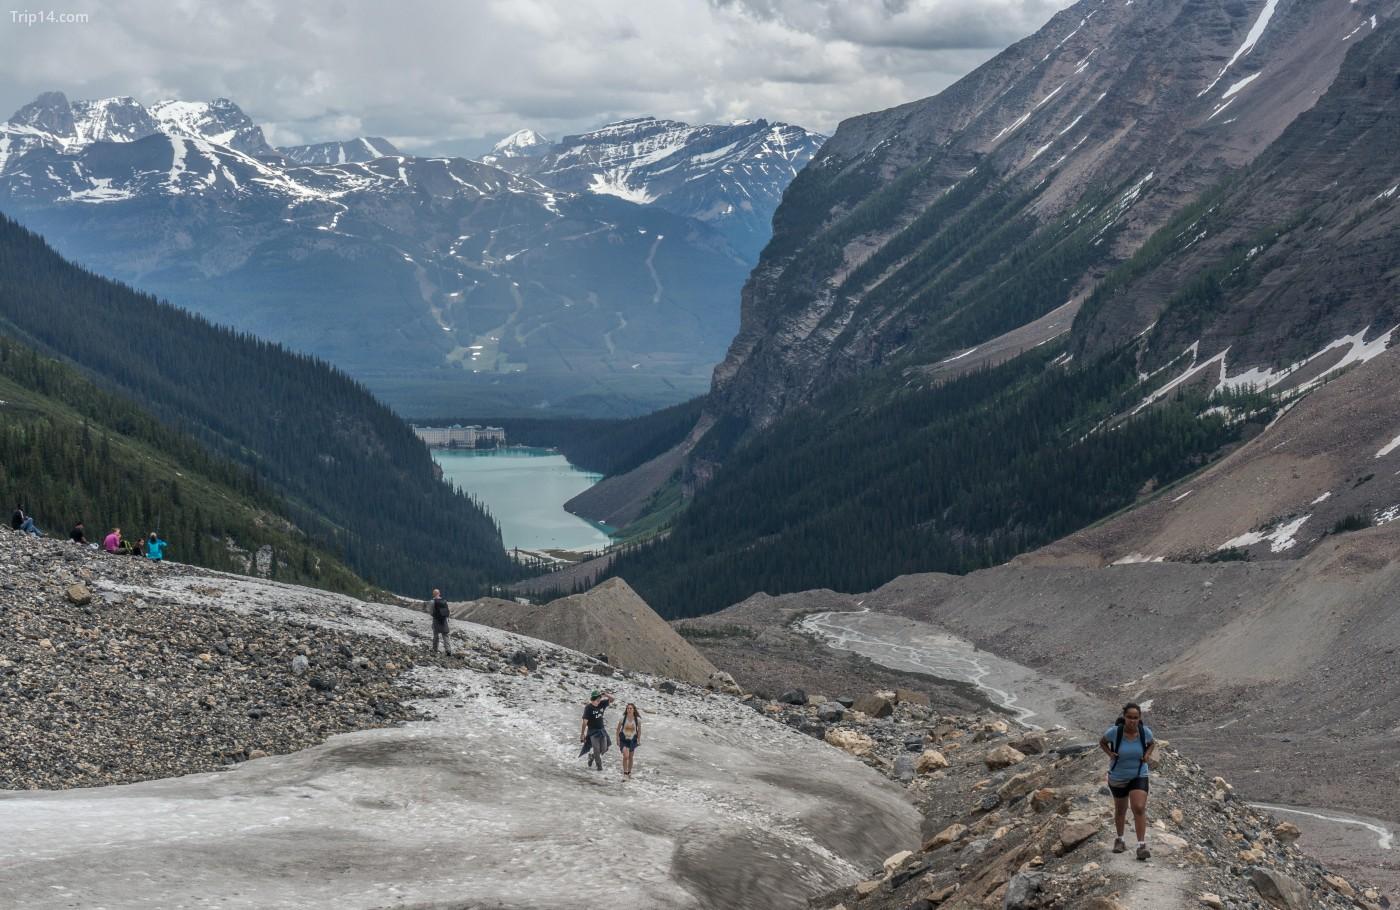 Công viên quốc gia lâu đời nhất Canada, Công viên quốc gia Banff, làm cho nó trở thành nhà ở Rockies Canada ở Alberta | © RooM the Agency / Alamy Kho ảnh